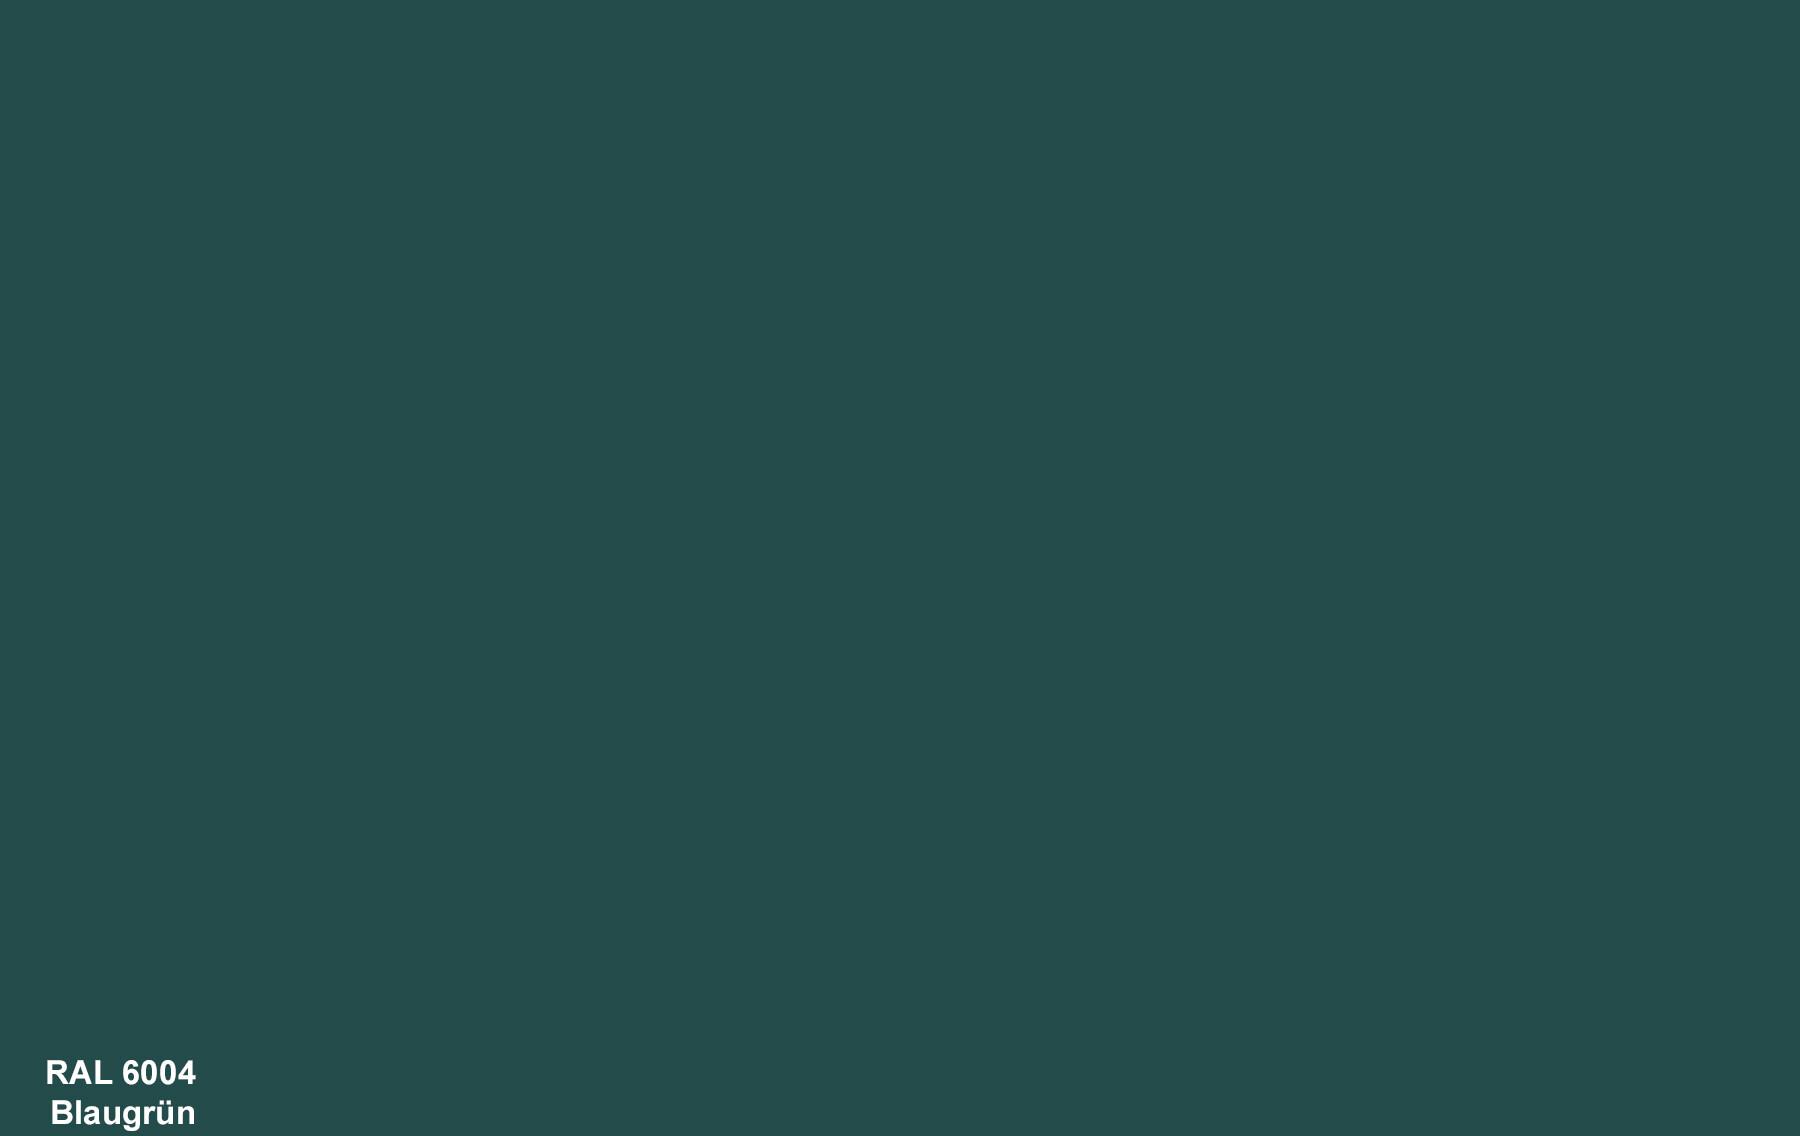 PlateART Duschrückwand mit Motiv RAL 6004 Blaugrün